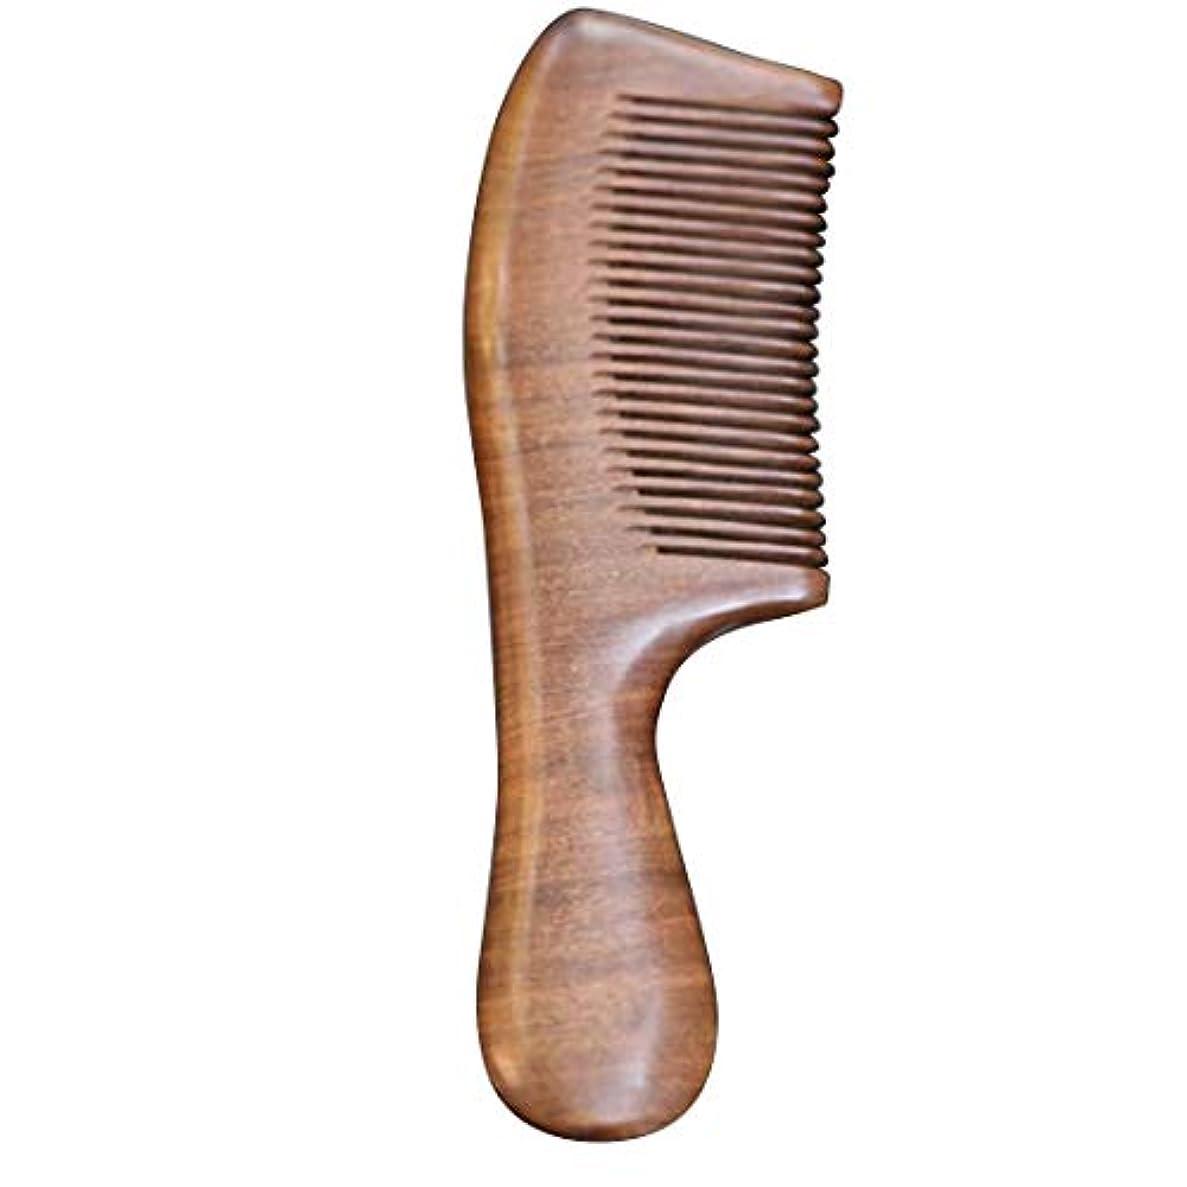 カートリッジ動詞相互帯電防止の木及びギフト用の箱20cmが付いている頭髪のためのほつれた手作りのブラシ無し、ヘアーコームの家族 モデリングツール (色 : ゴールド)